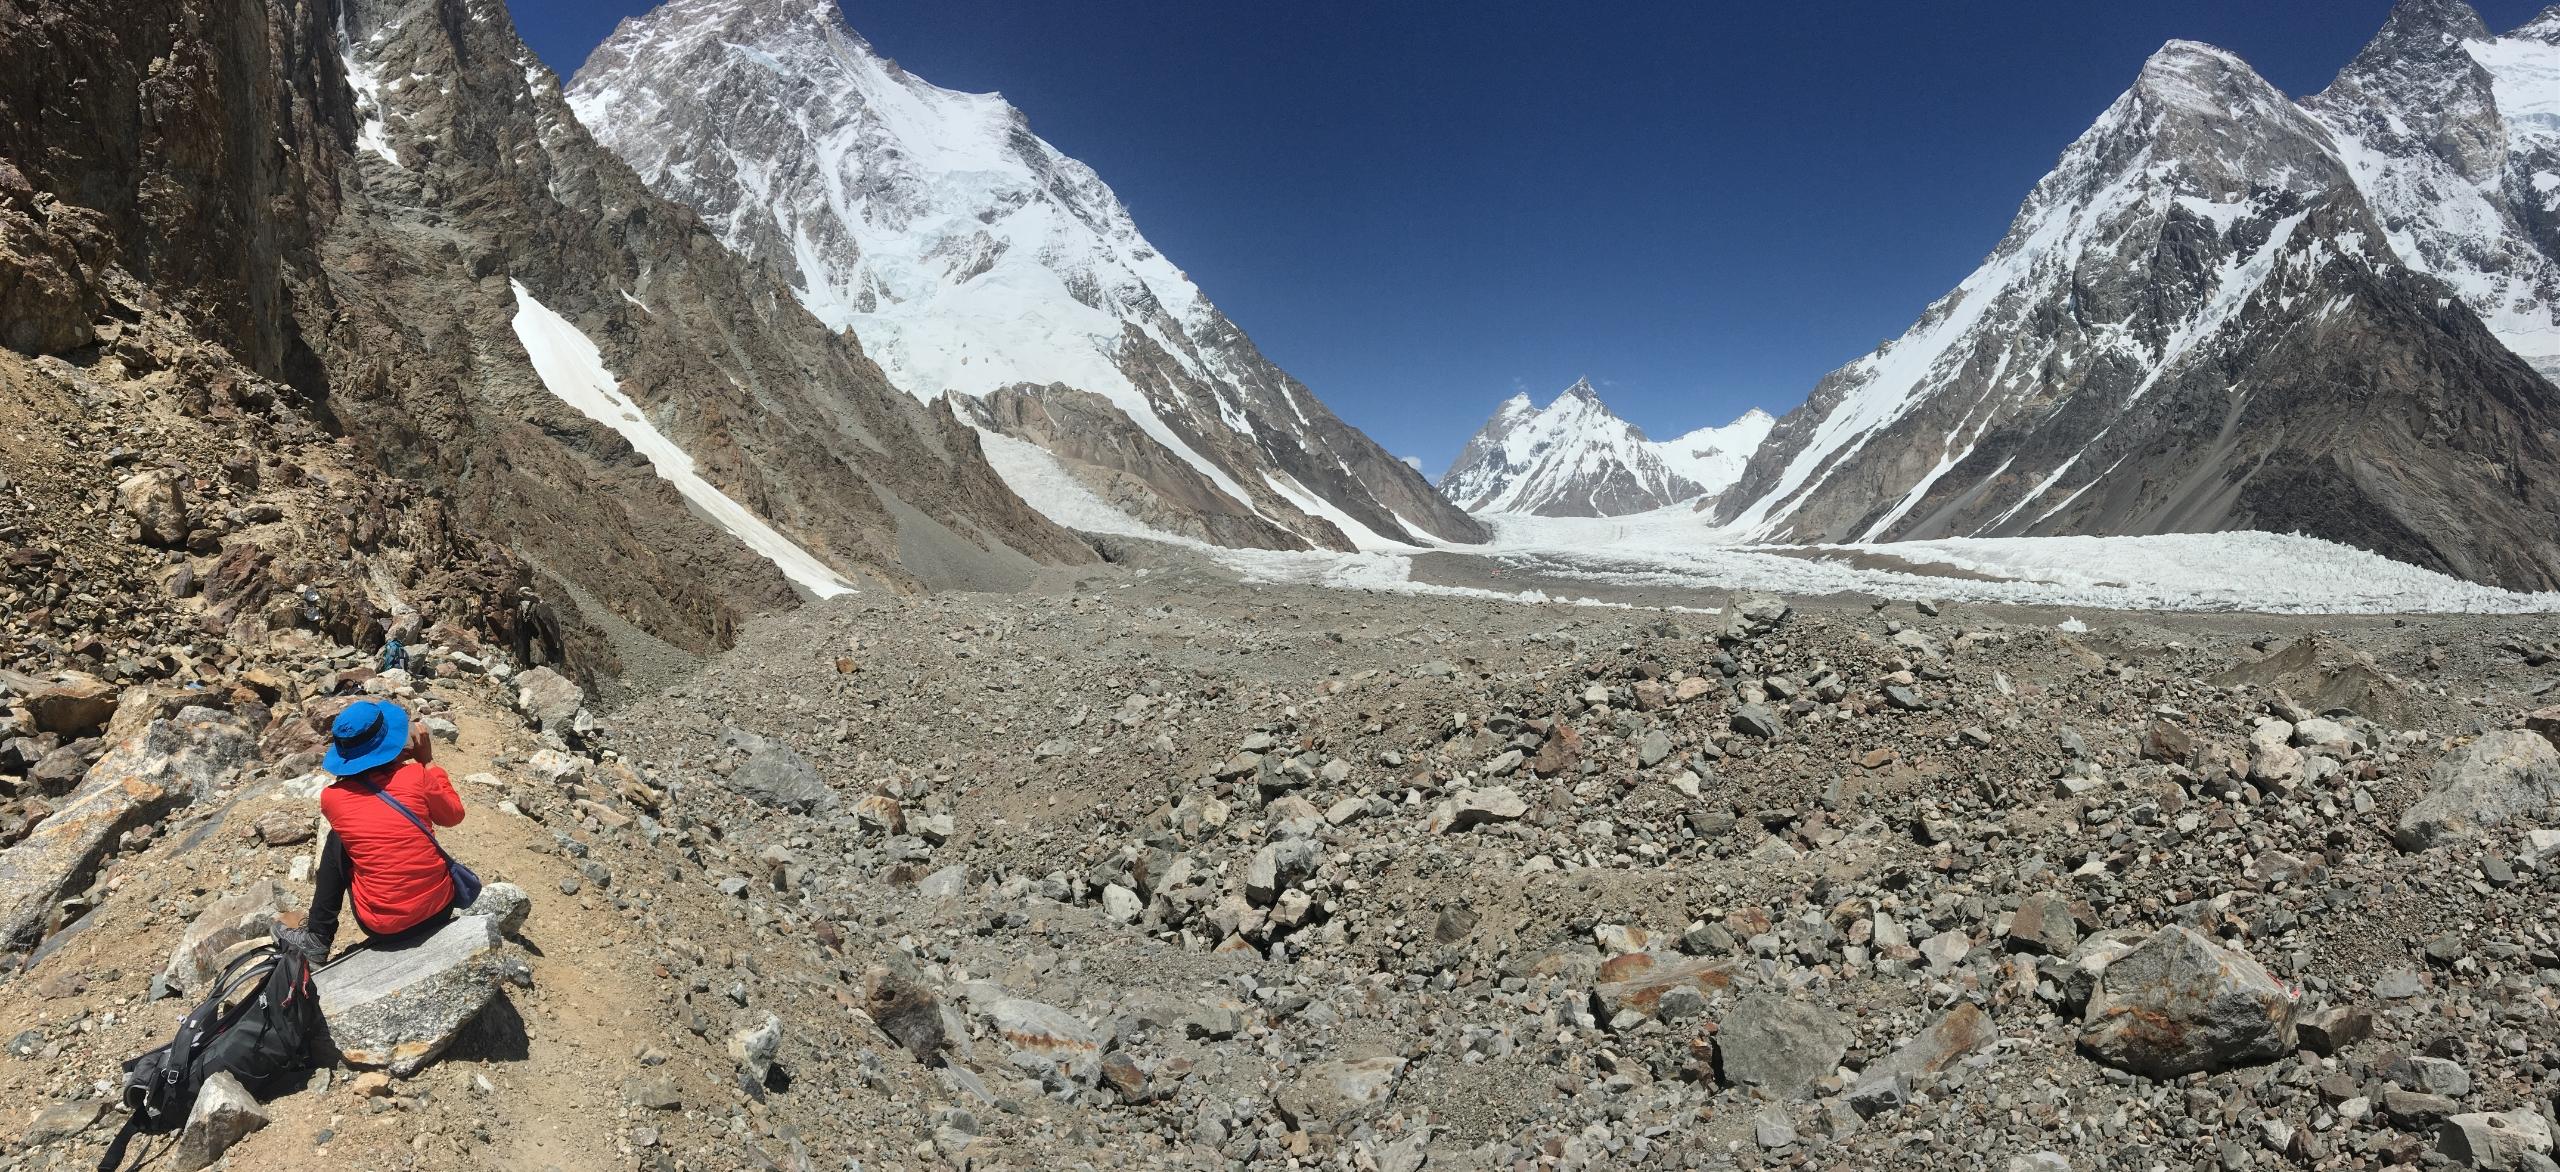 K2 Base Camp Trek (@k2basecamptrek) Cover Image